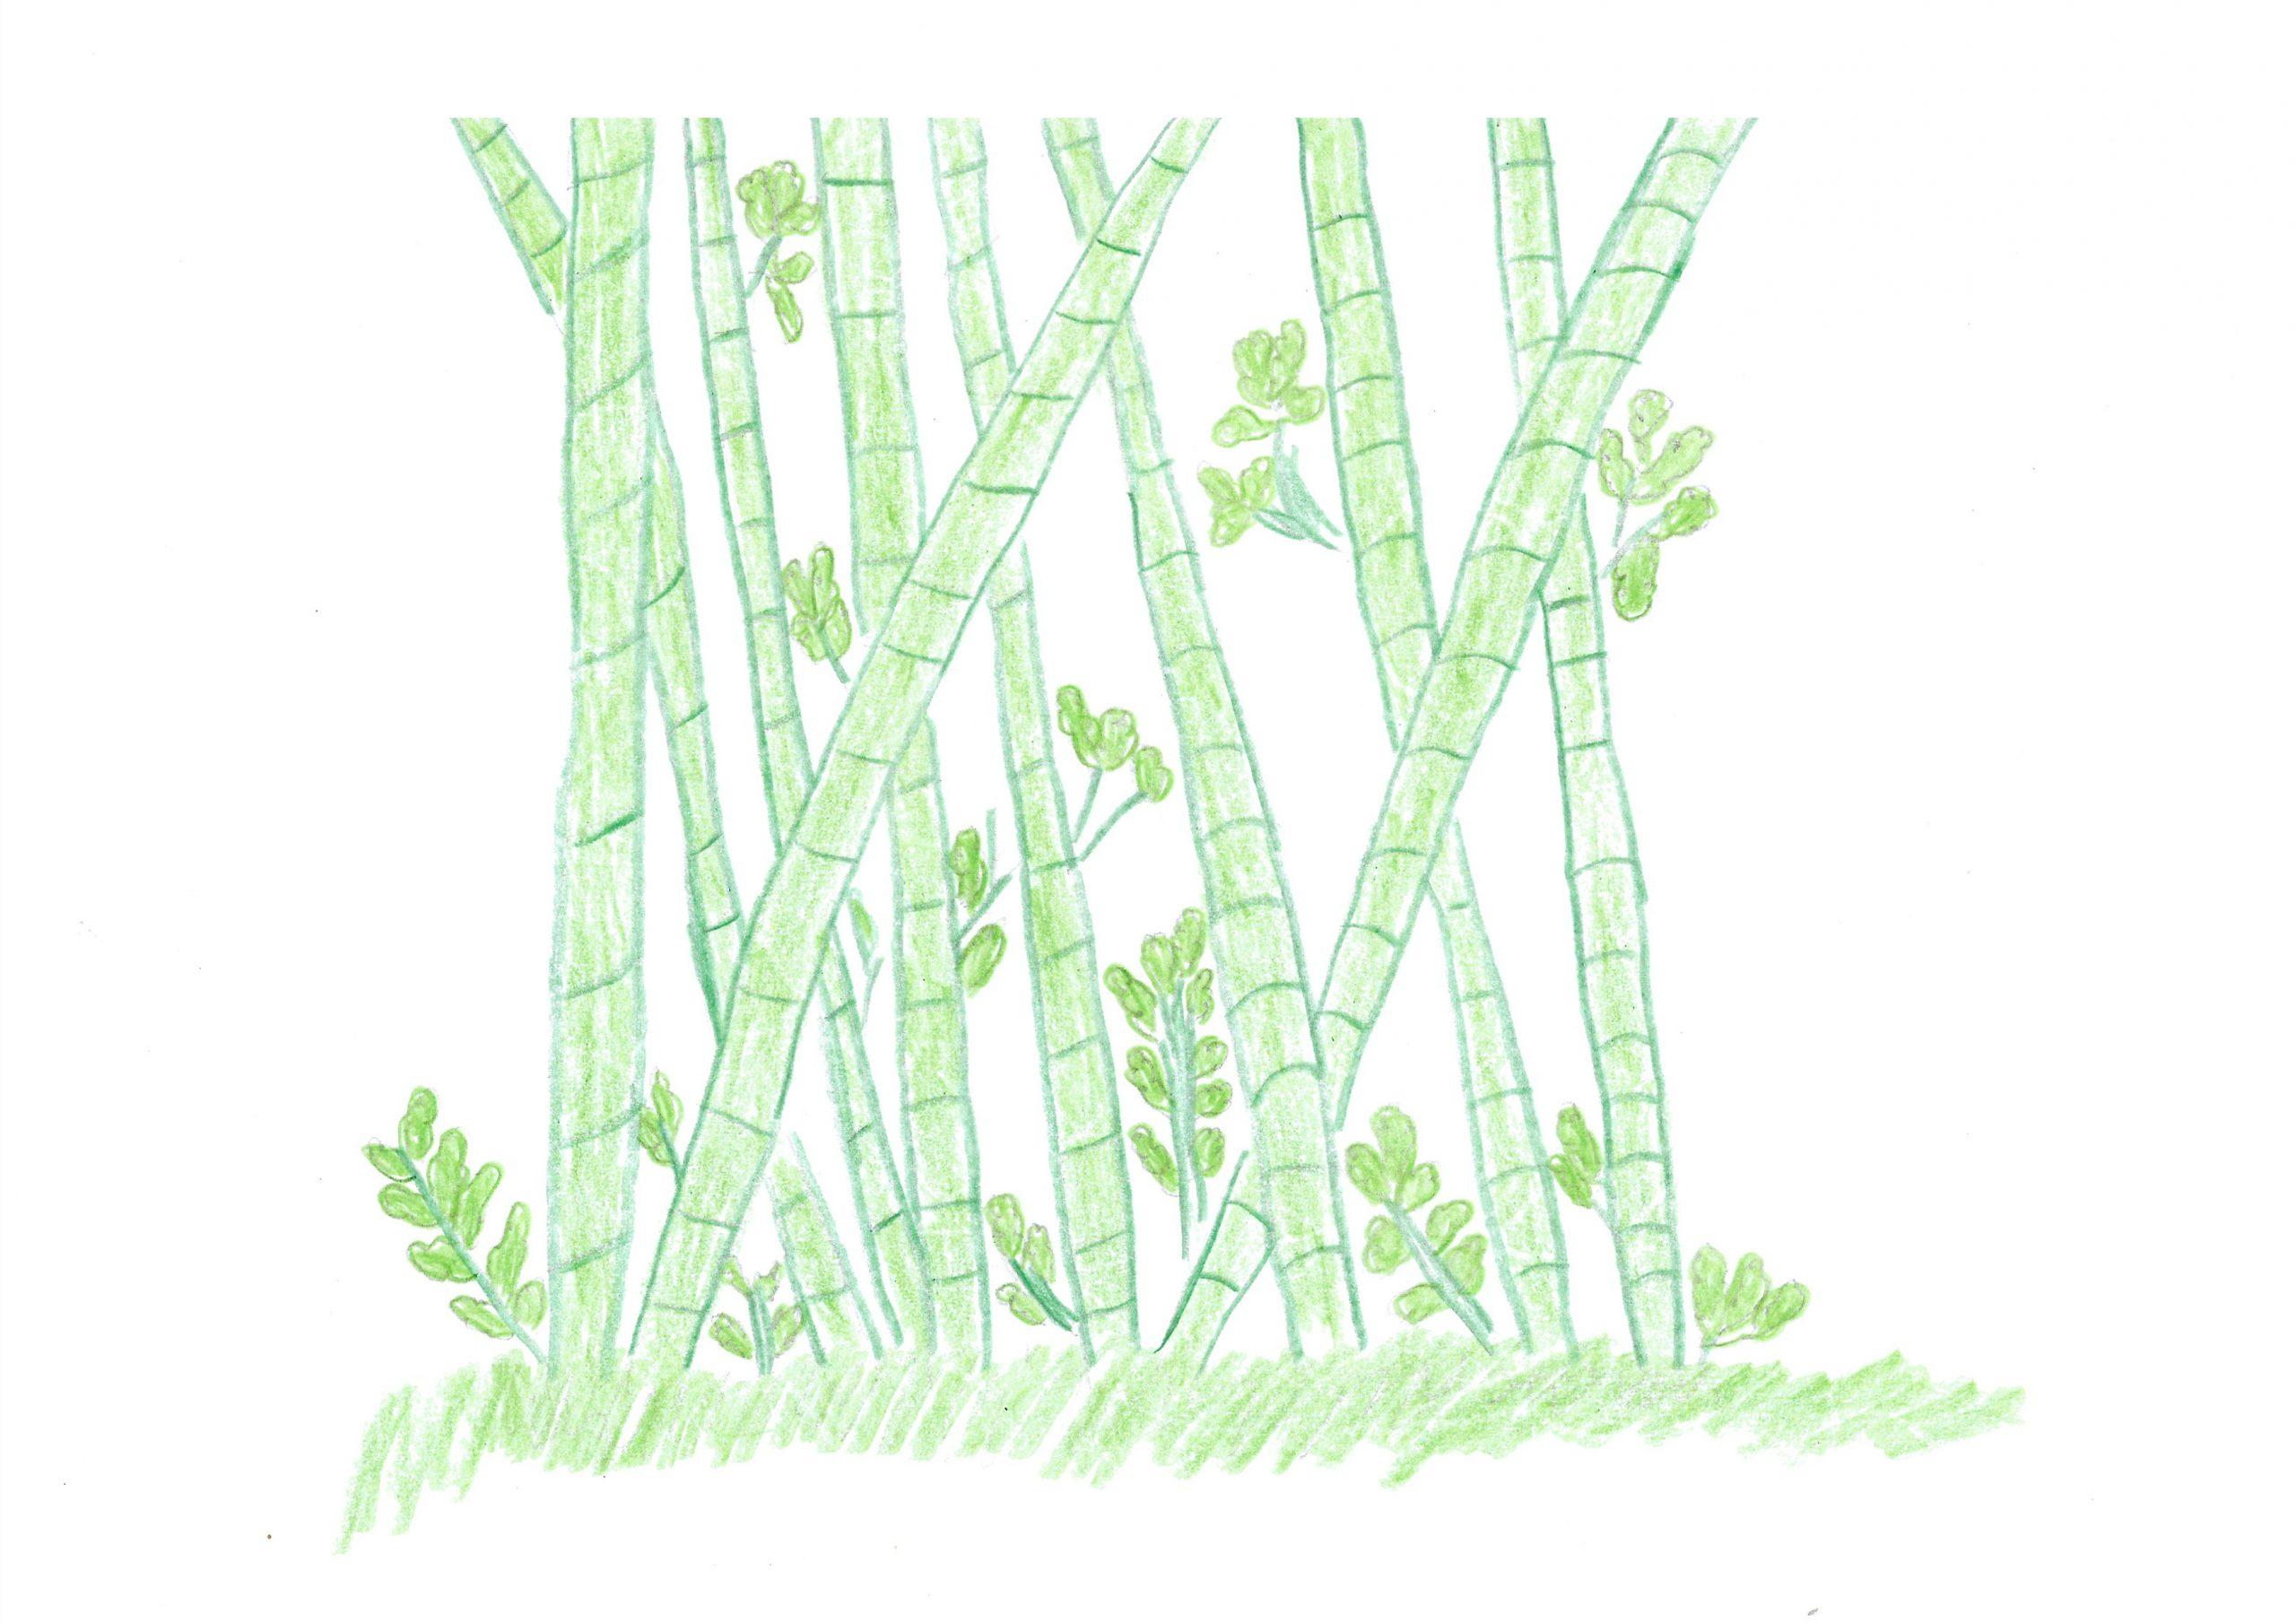 Takuara — The bamboo